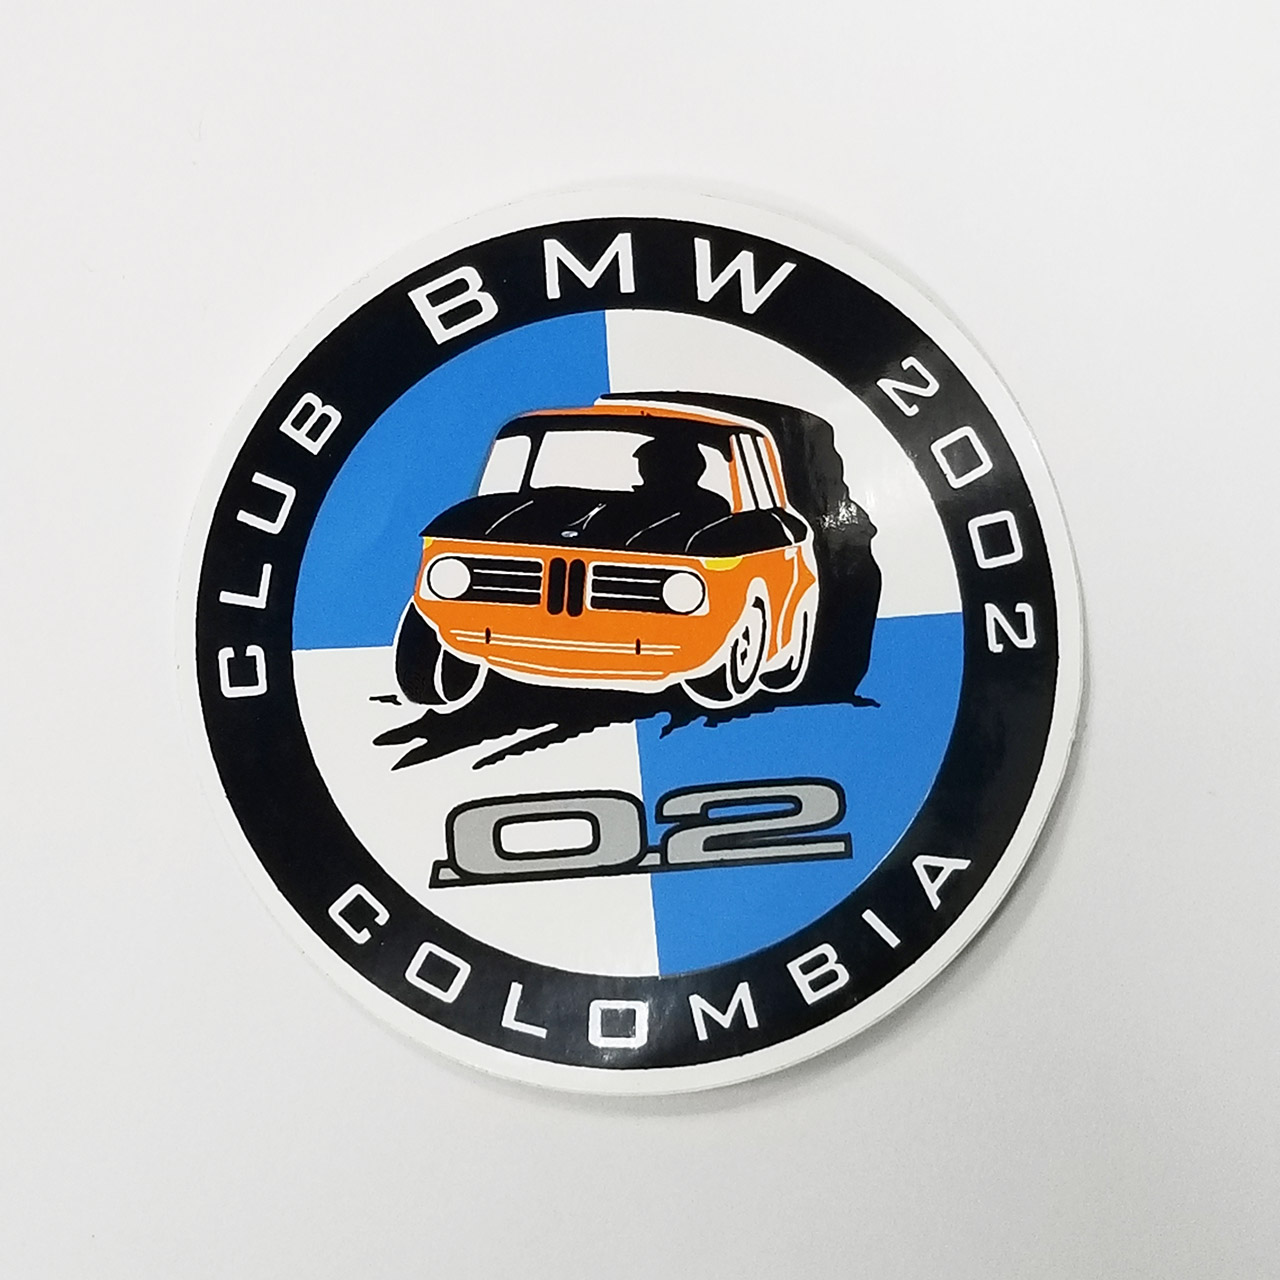 Calcomania Club BMW 2002 Colombia